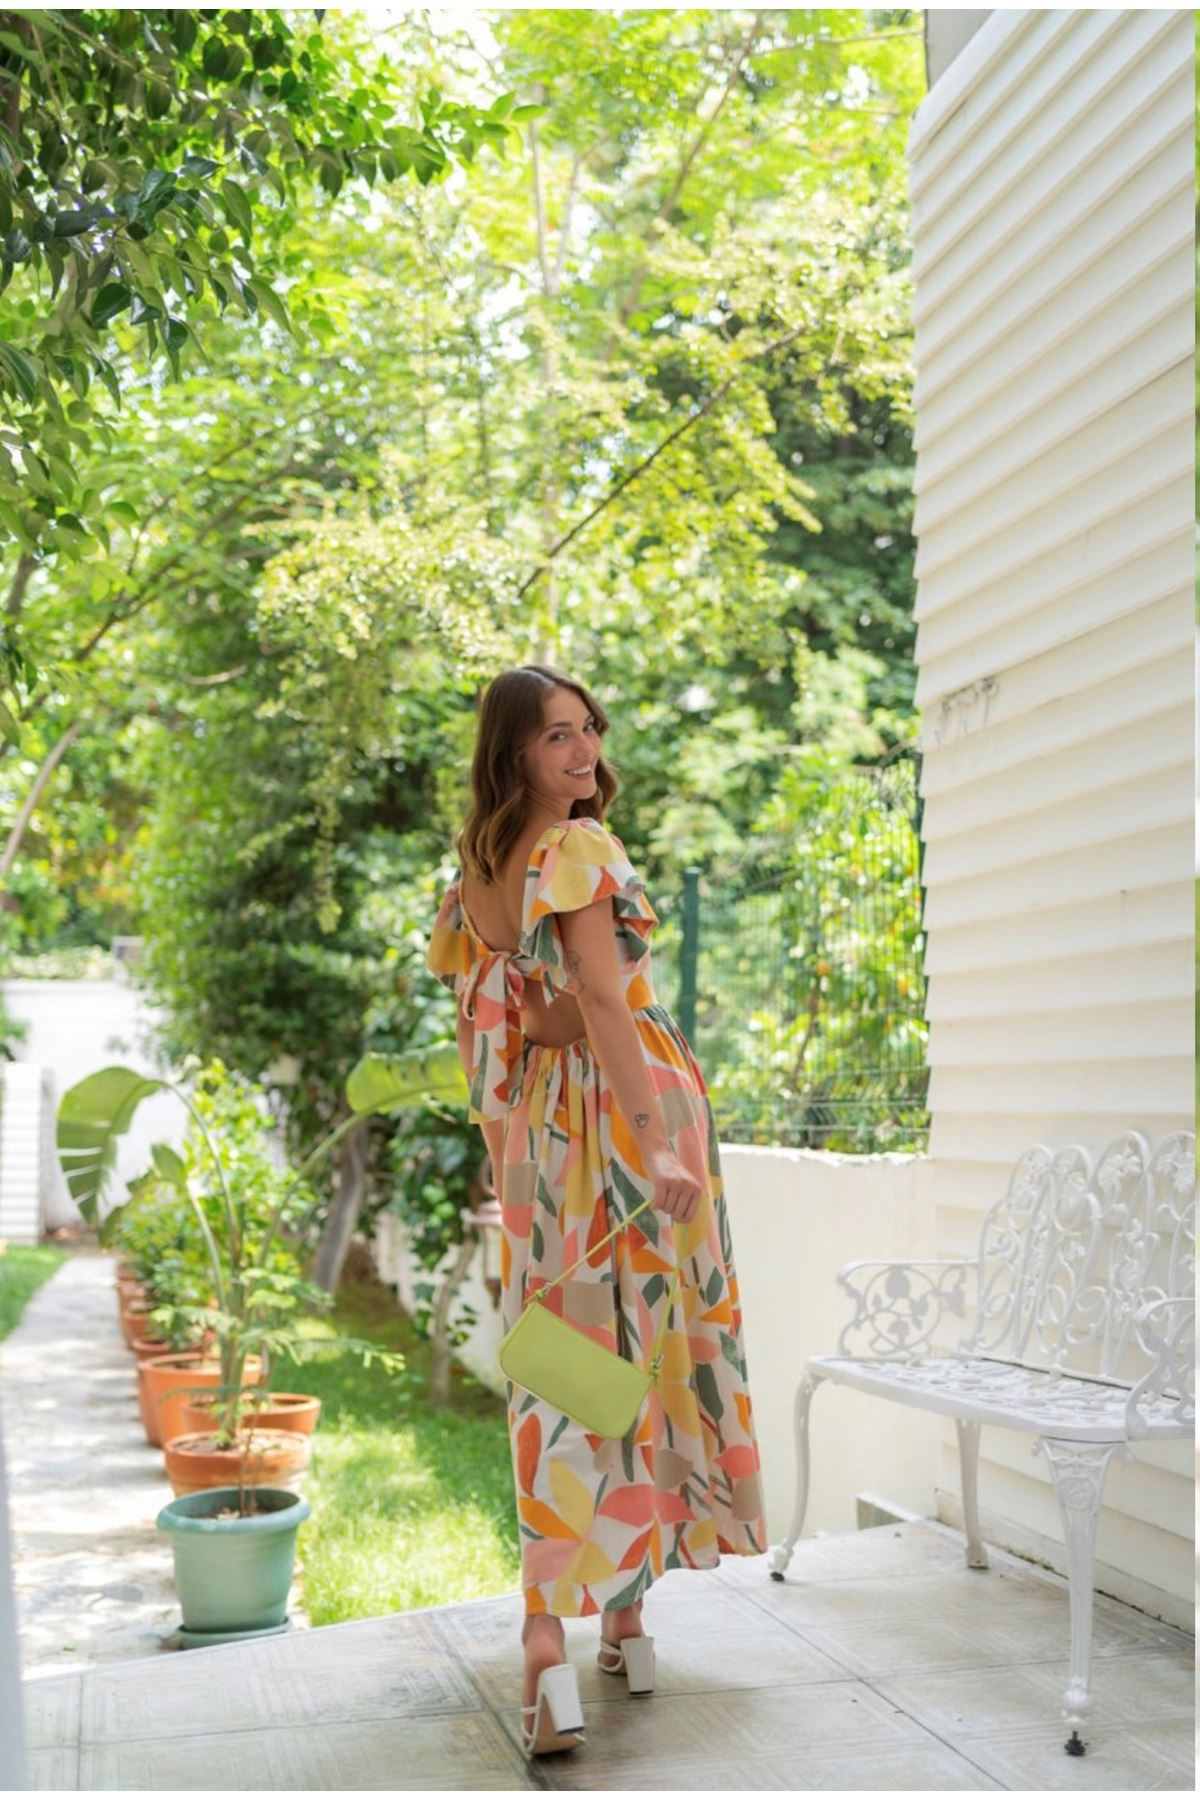 Bej Beli Lastikli Sırt Fiyonk Bağlamalı Askılı Yaprak Desenli Keten Elbise